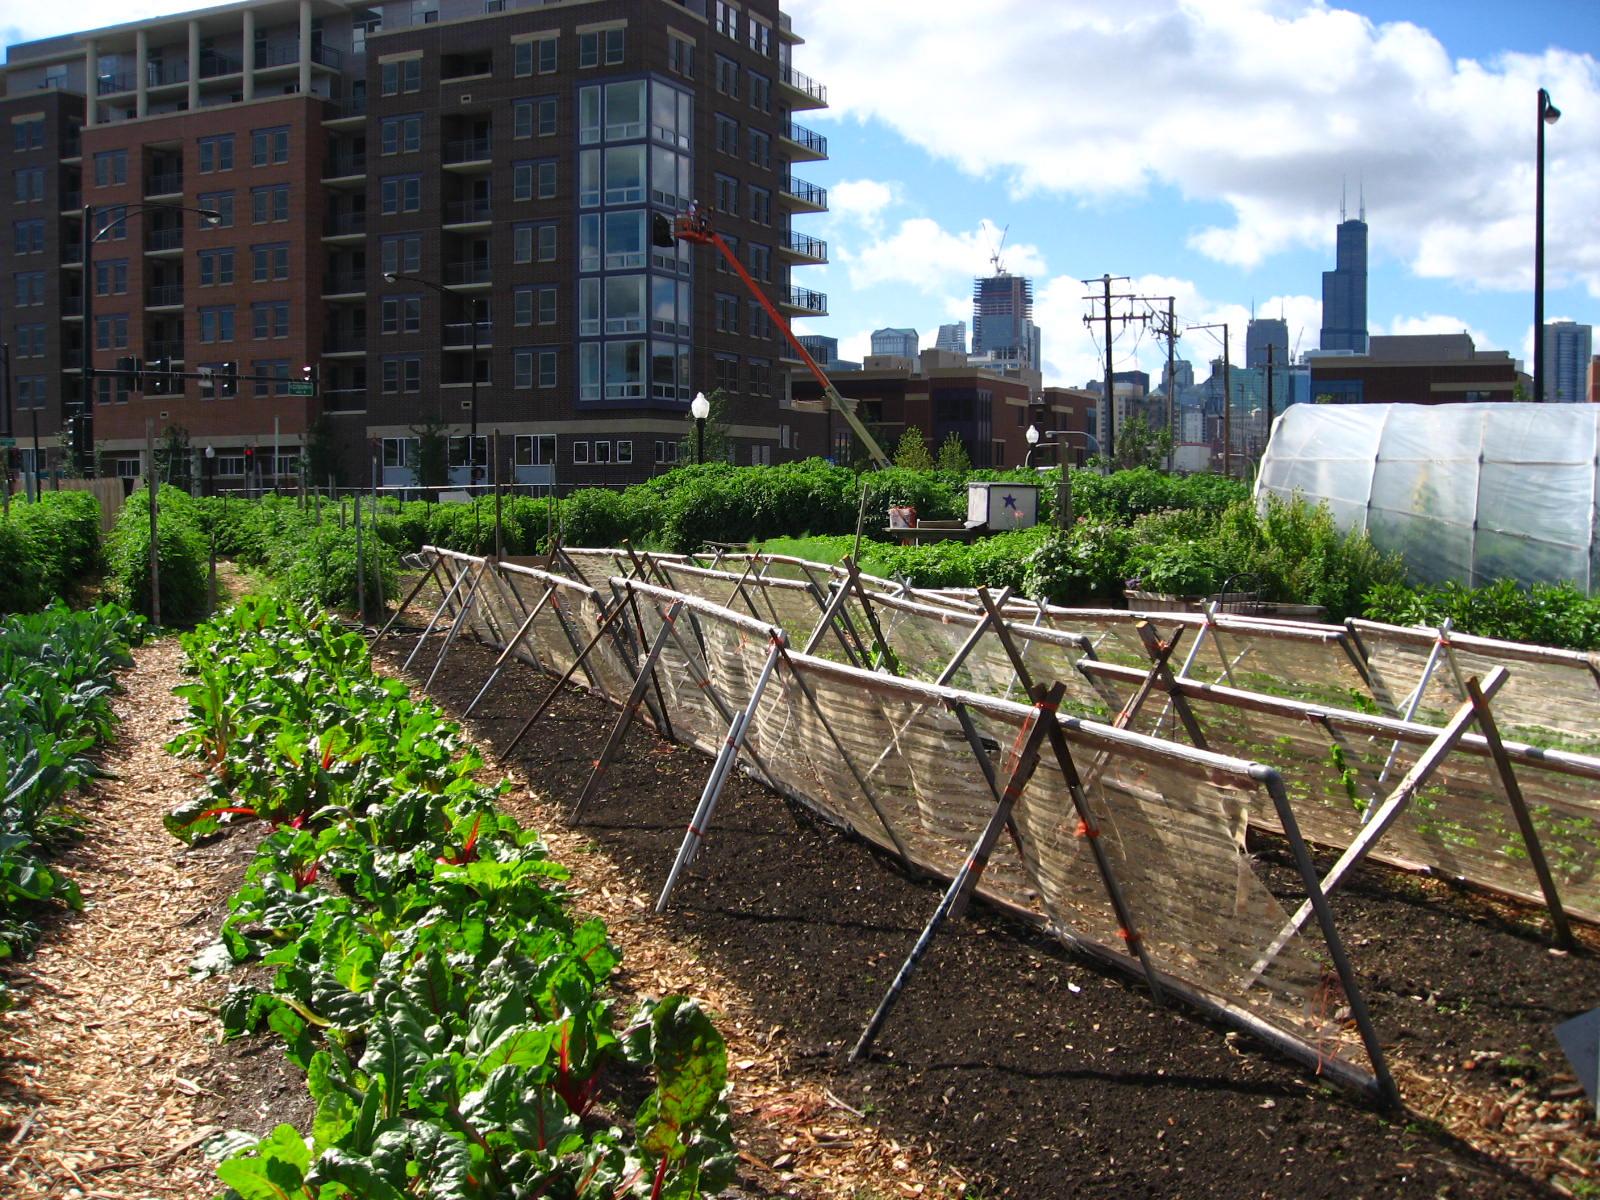 Kaupunkiviljelyä Chicagossa. Kuva: Wikimedia Commons